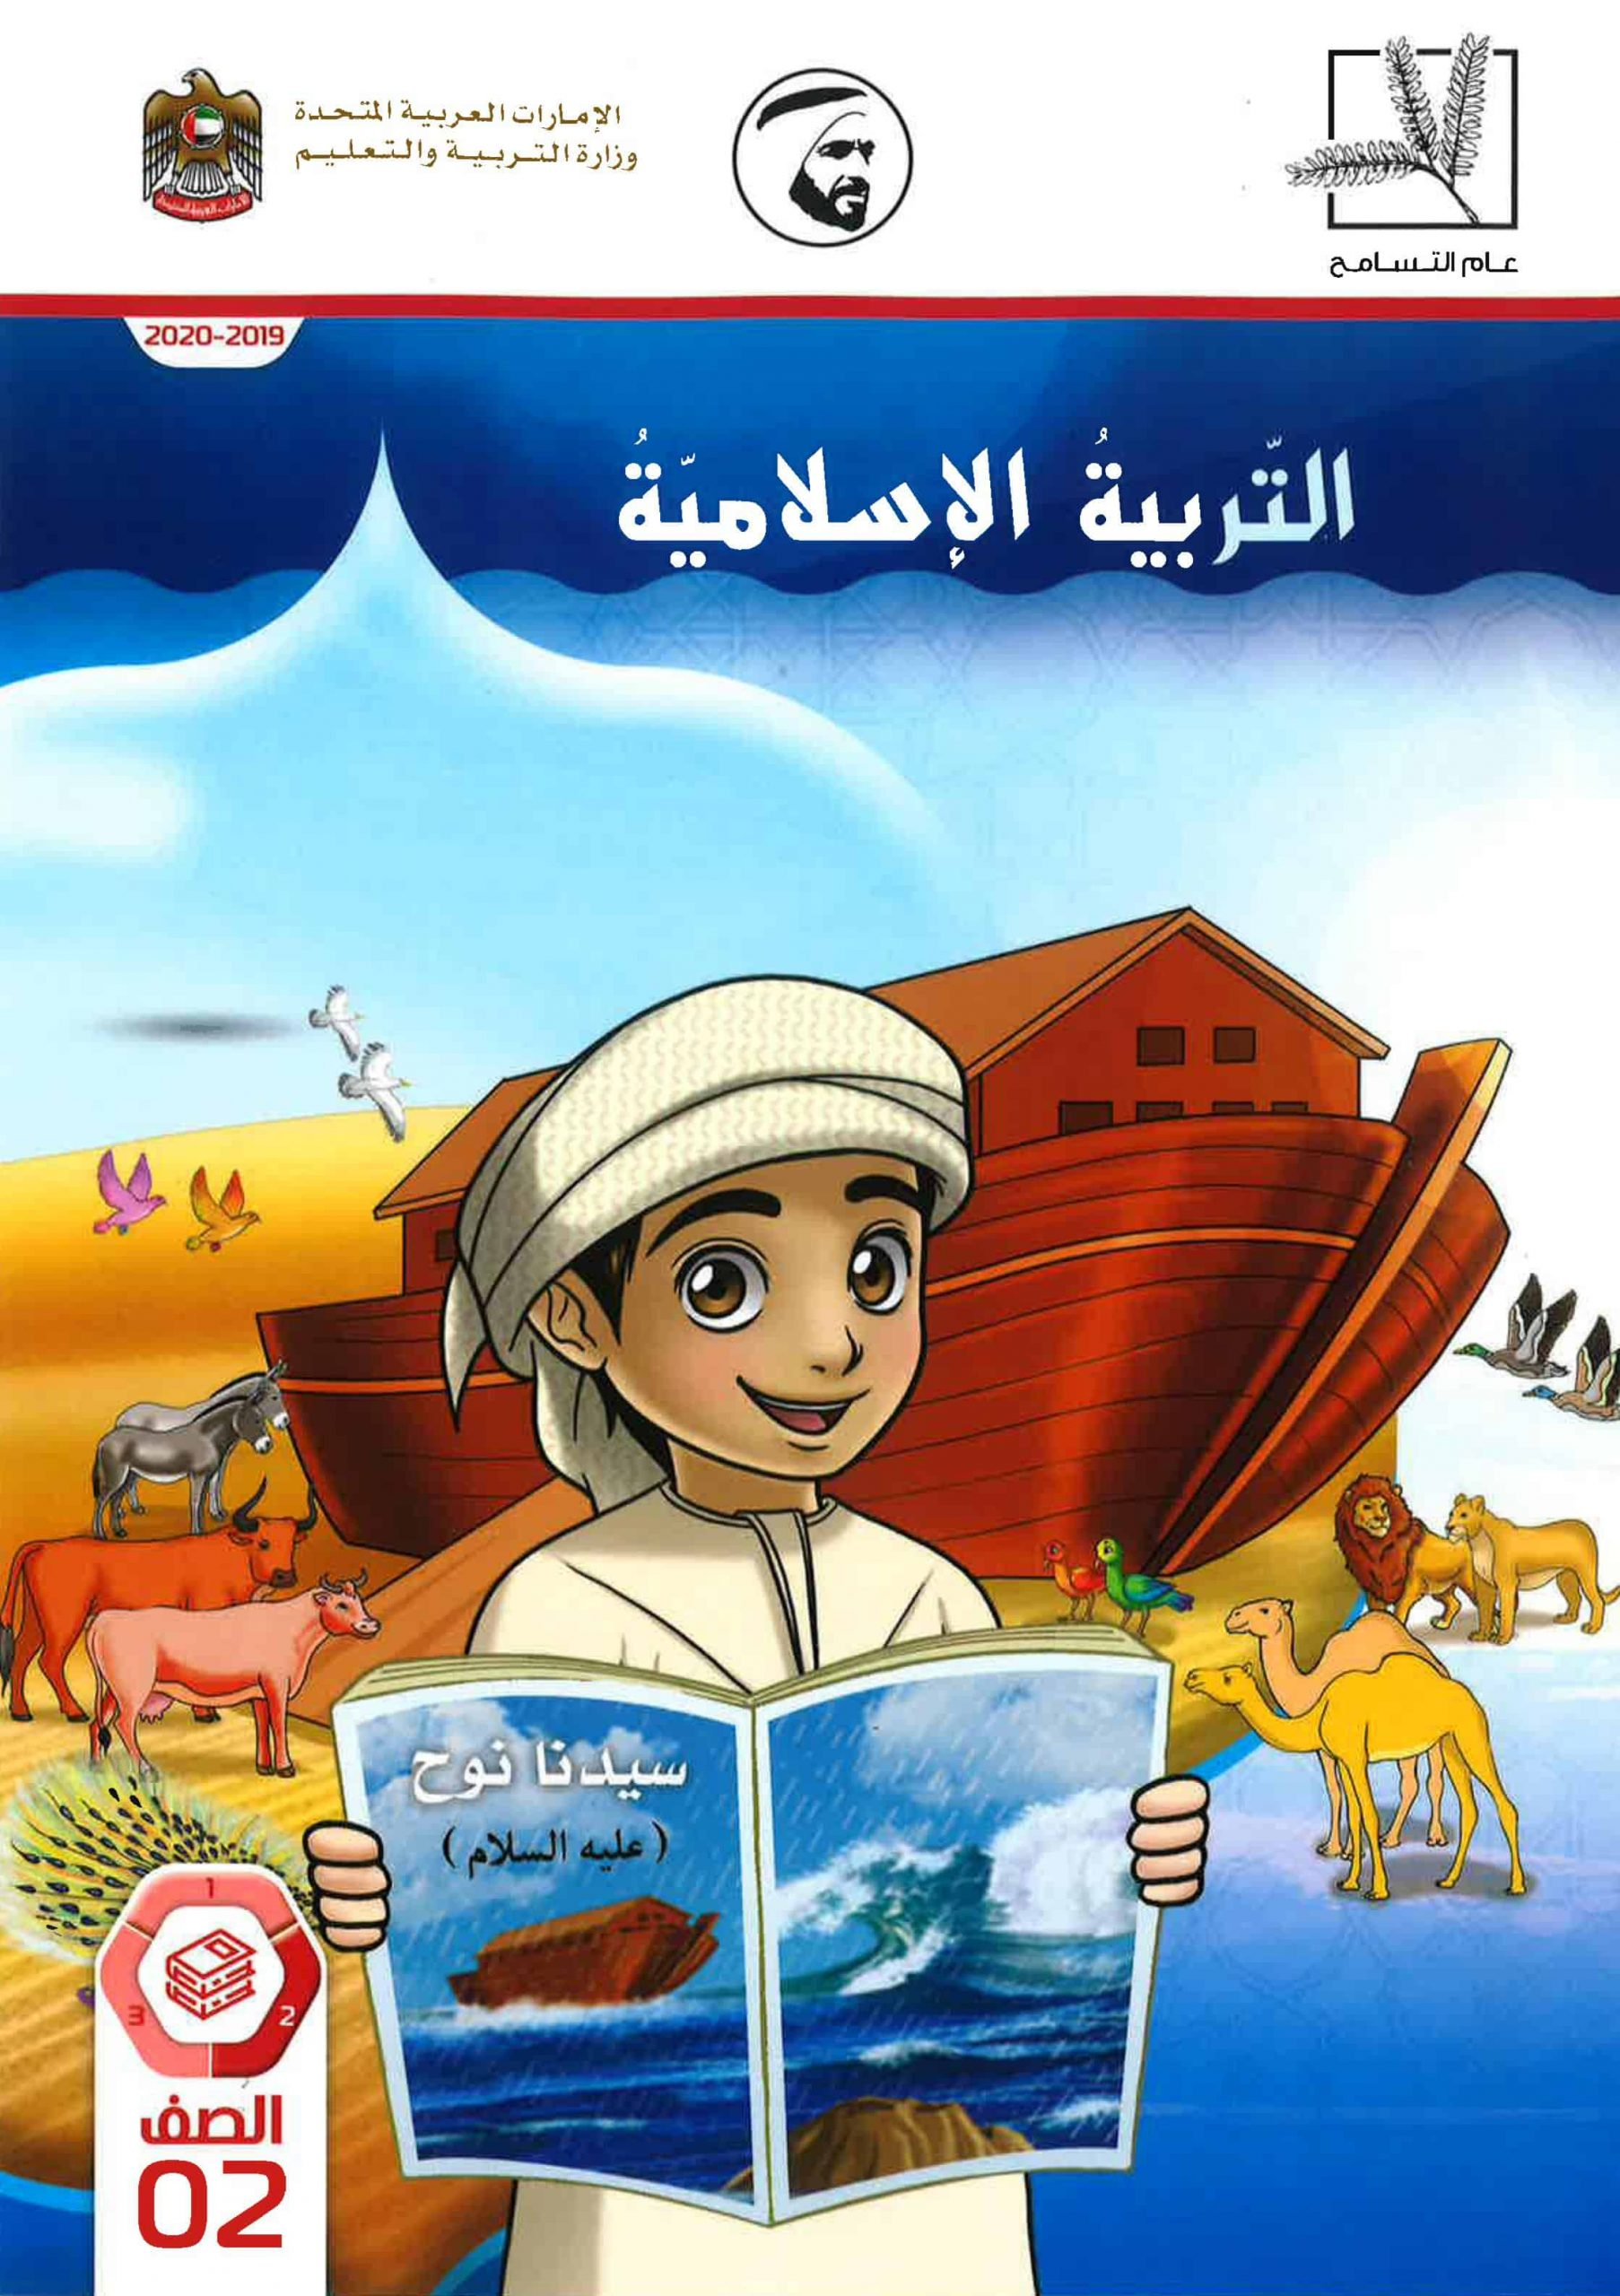 كتاب الطالب الفصل الدراسي الثاني 2019-2020 الصف الثاني مادة التربية الاسلامية